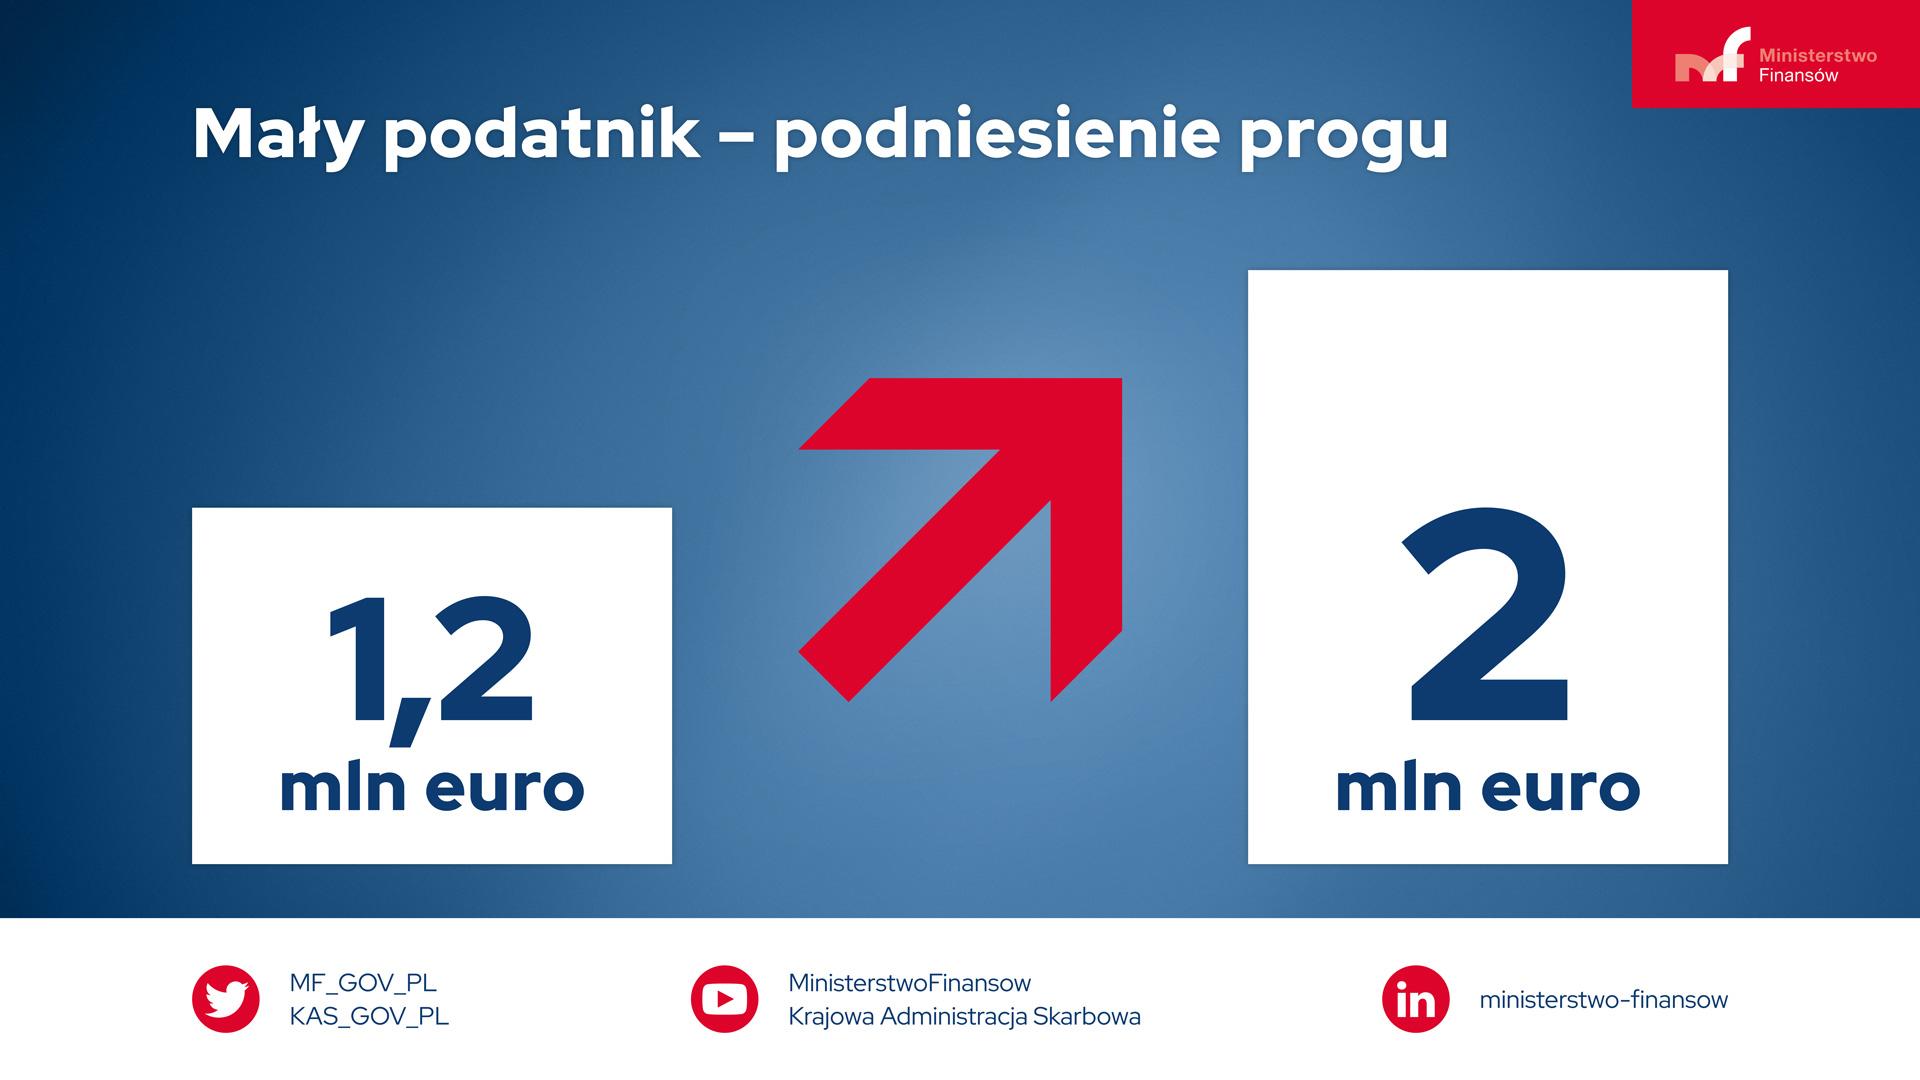 Na górze napis Mały podatnik podniesienie progu. Poniżej w białym kwadracie 1,2 mln euro a obok czerwona strzałka skierowana w górę. Po prawej stronie prostokąt a w nim 2 mln euro. Na dole w pasku ikony mediów społecznościowych Ministerstwa Finansów